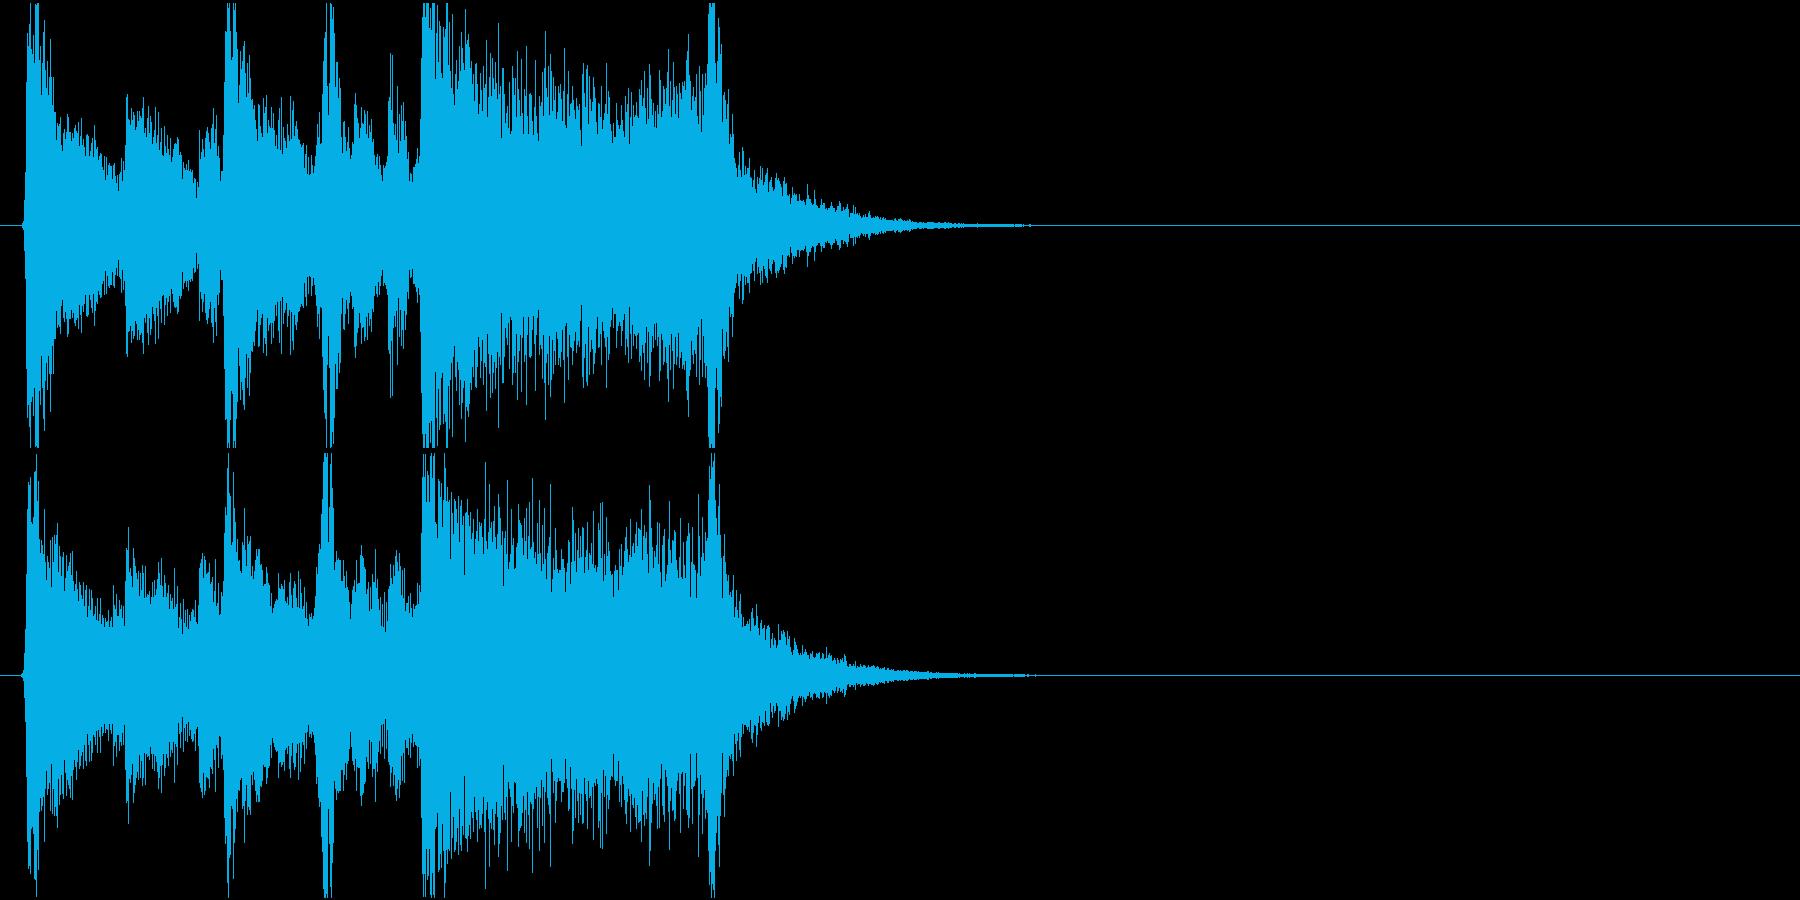 ファンファーレ スポーツ 名誉 栄光の再生済みの波形